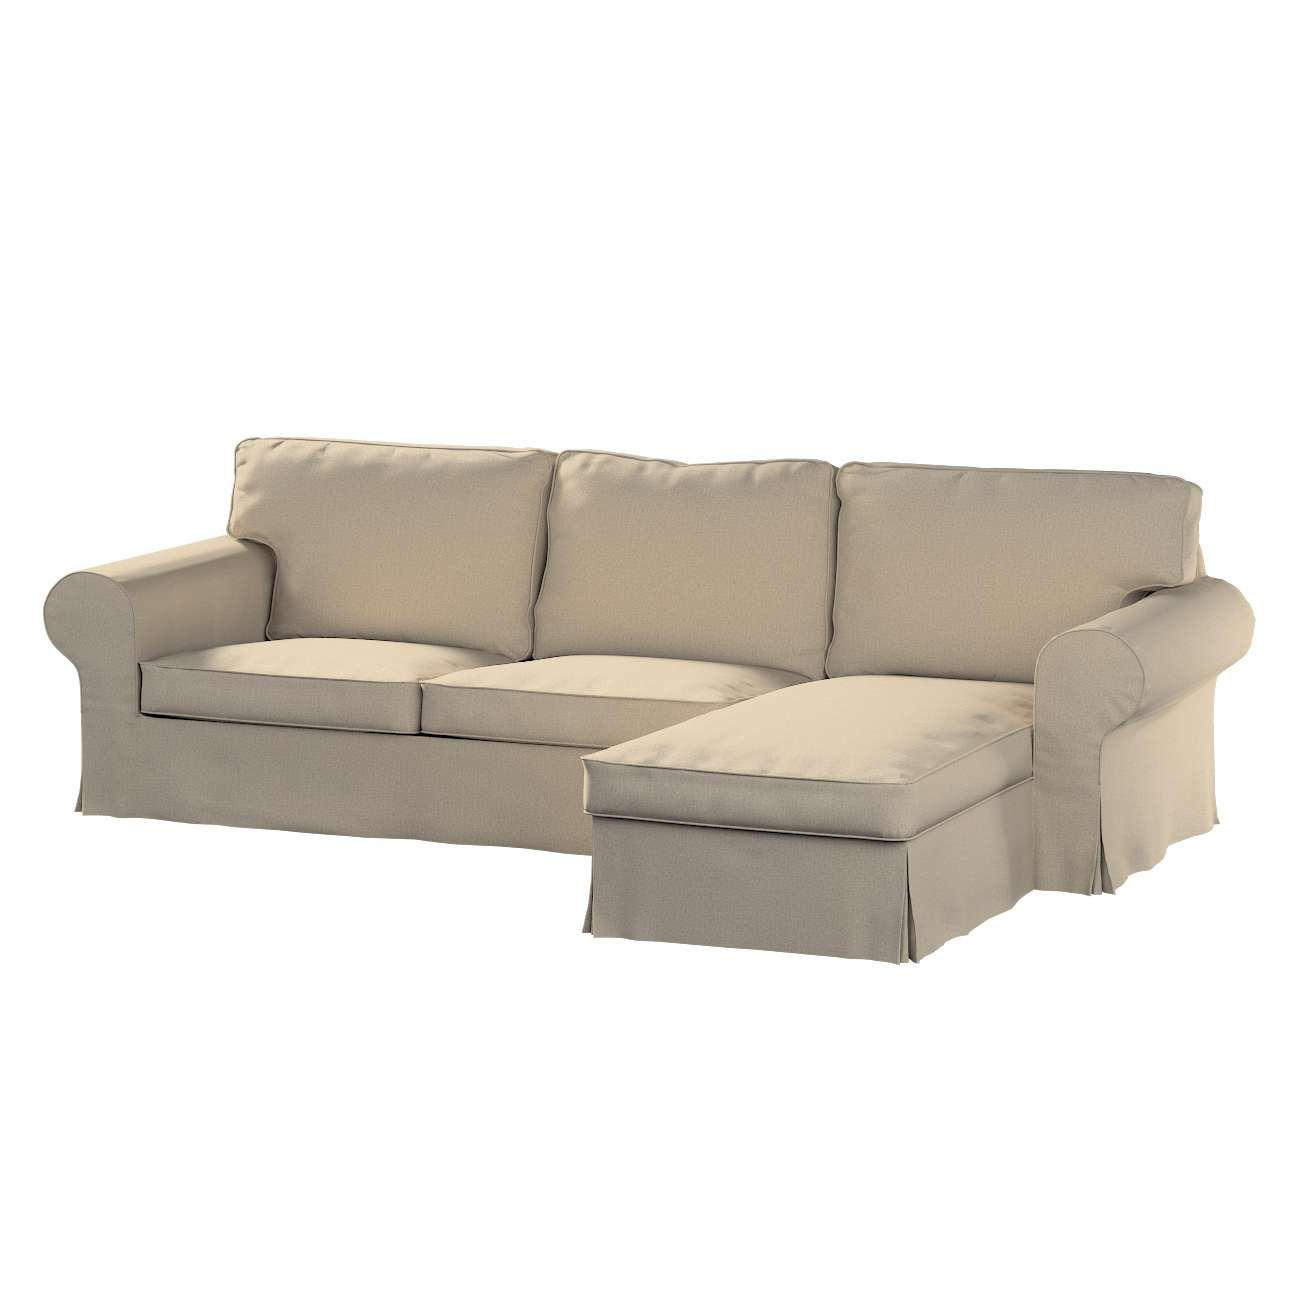 Pokrowiec na sofę Ektorp 2-osobową i leżankę w kolekcji Edinburgh, tkanina: 115-78